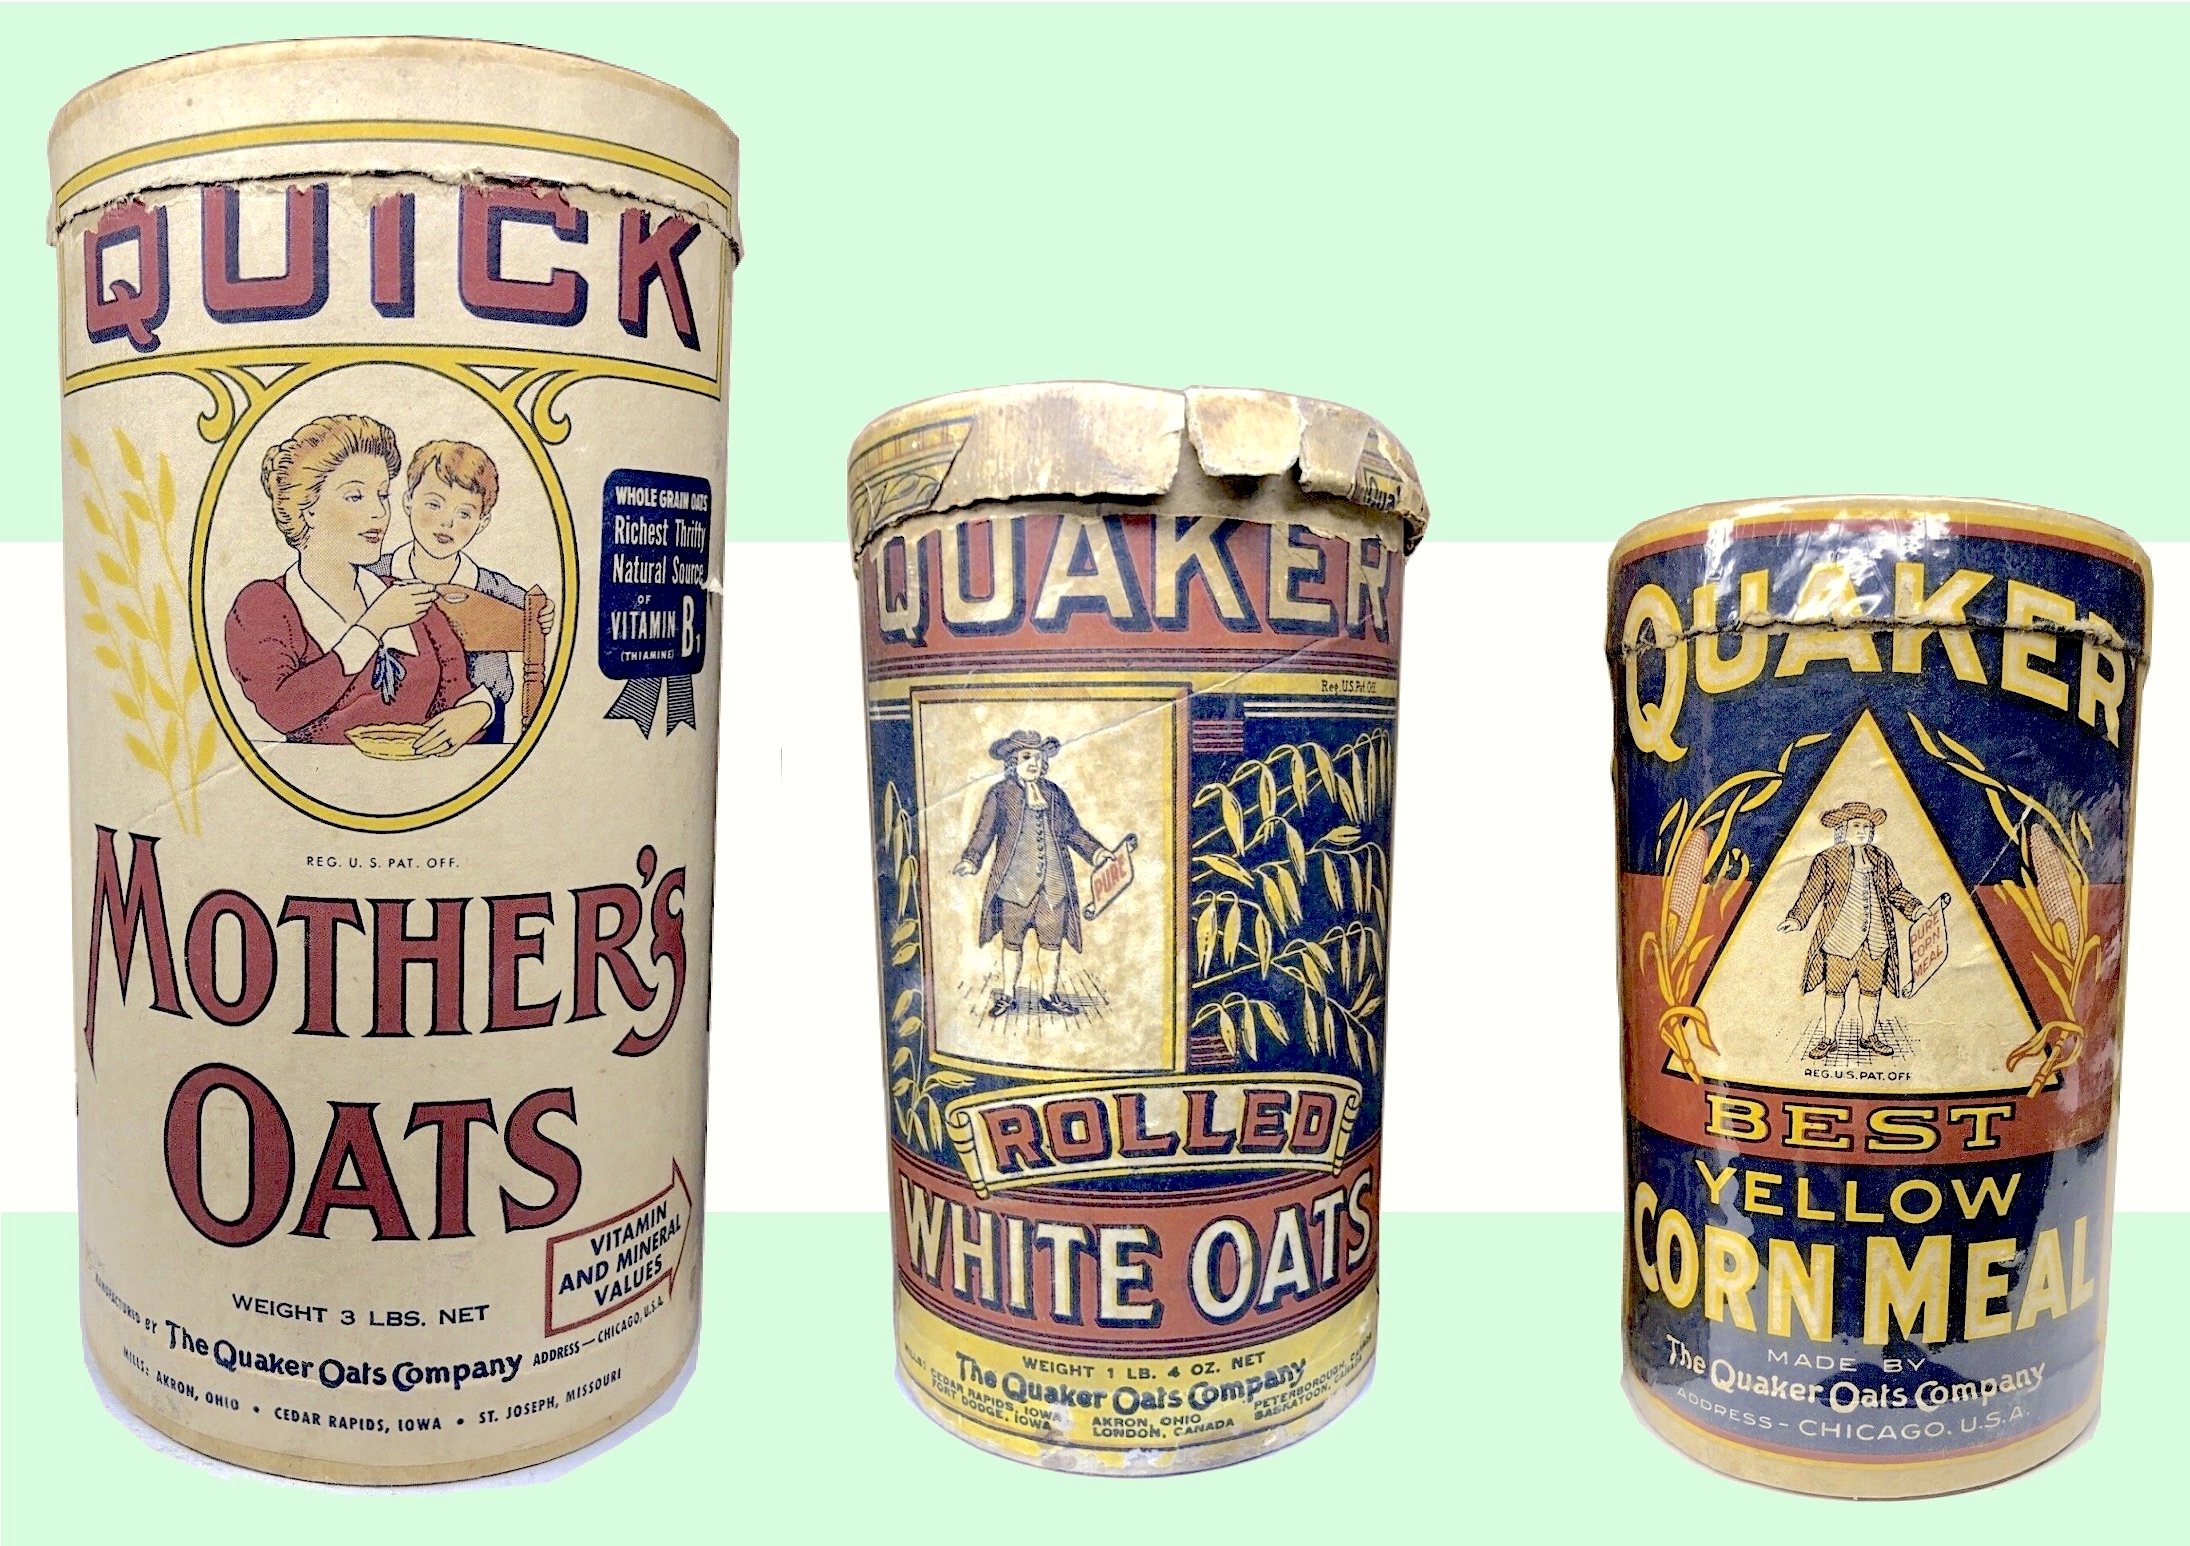 Quaker Oats Company, est. 1877